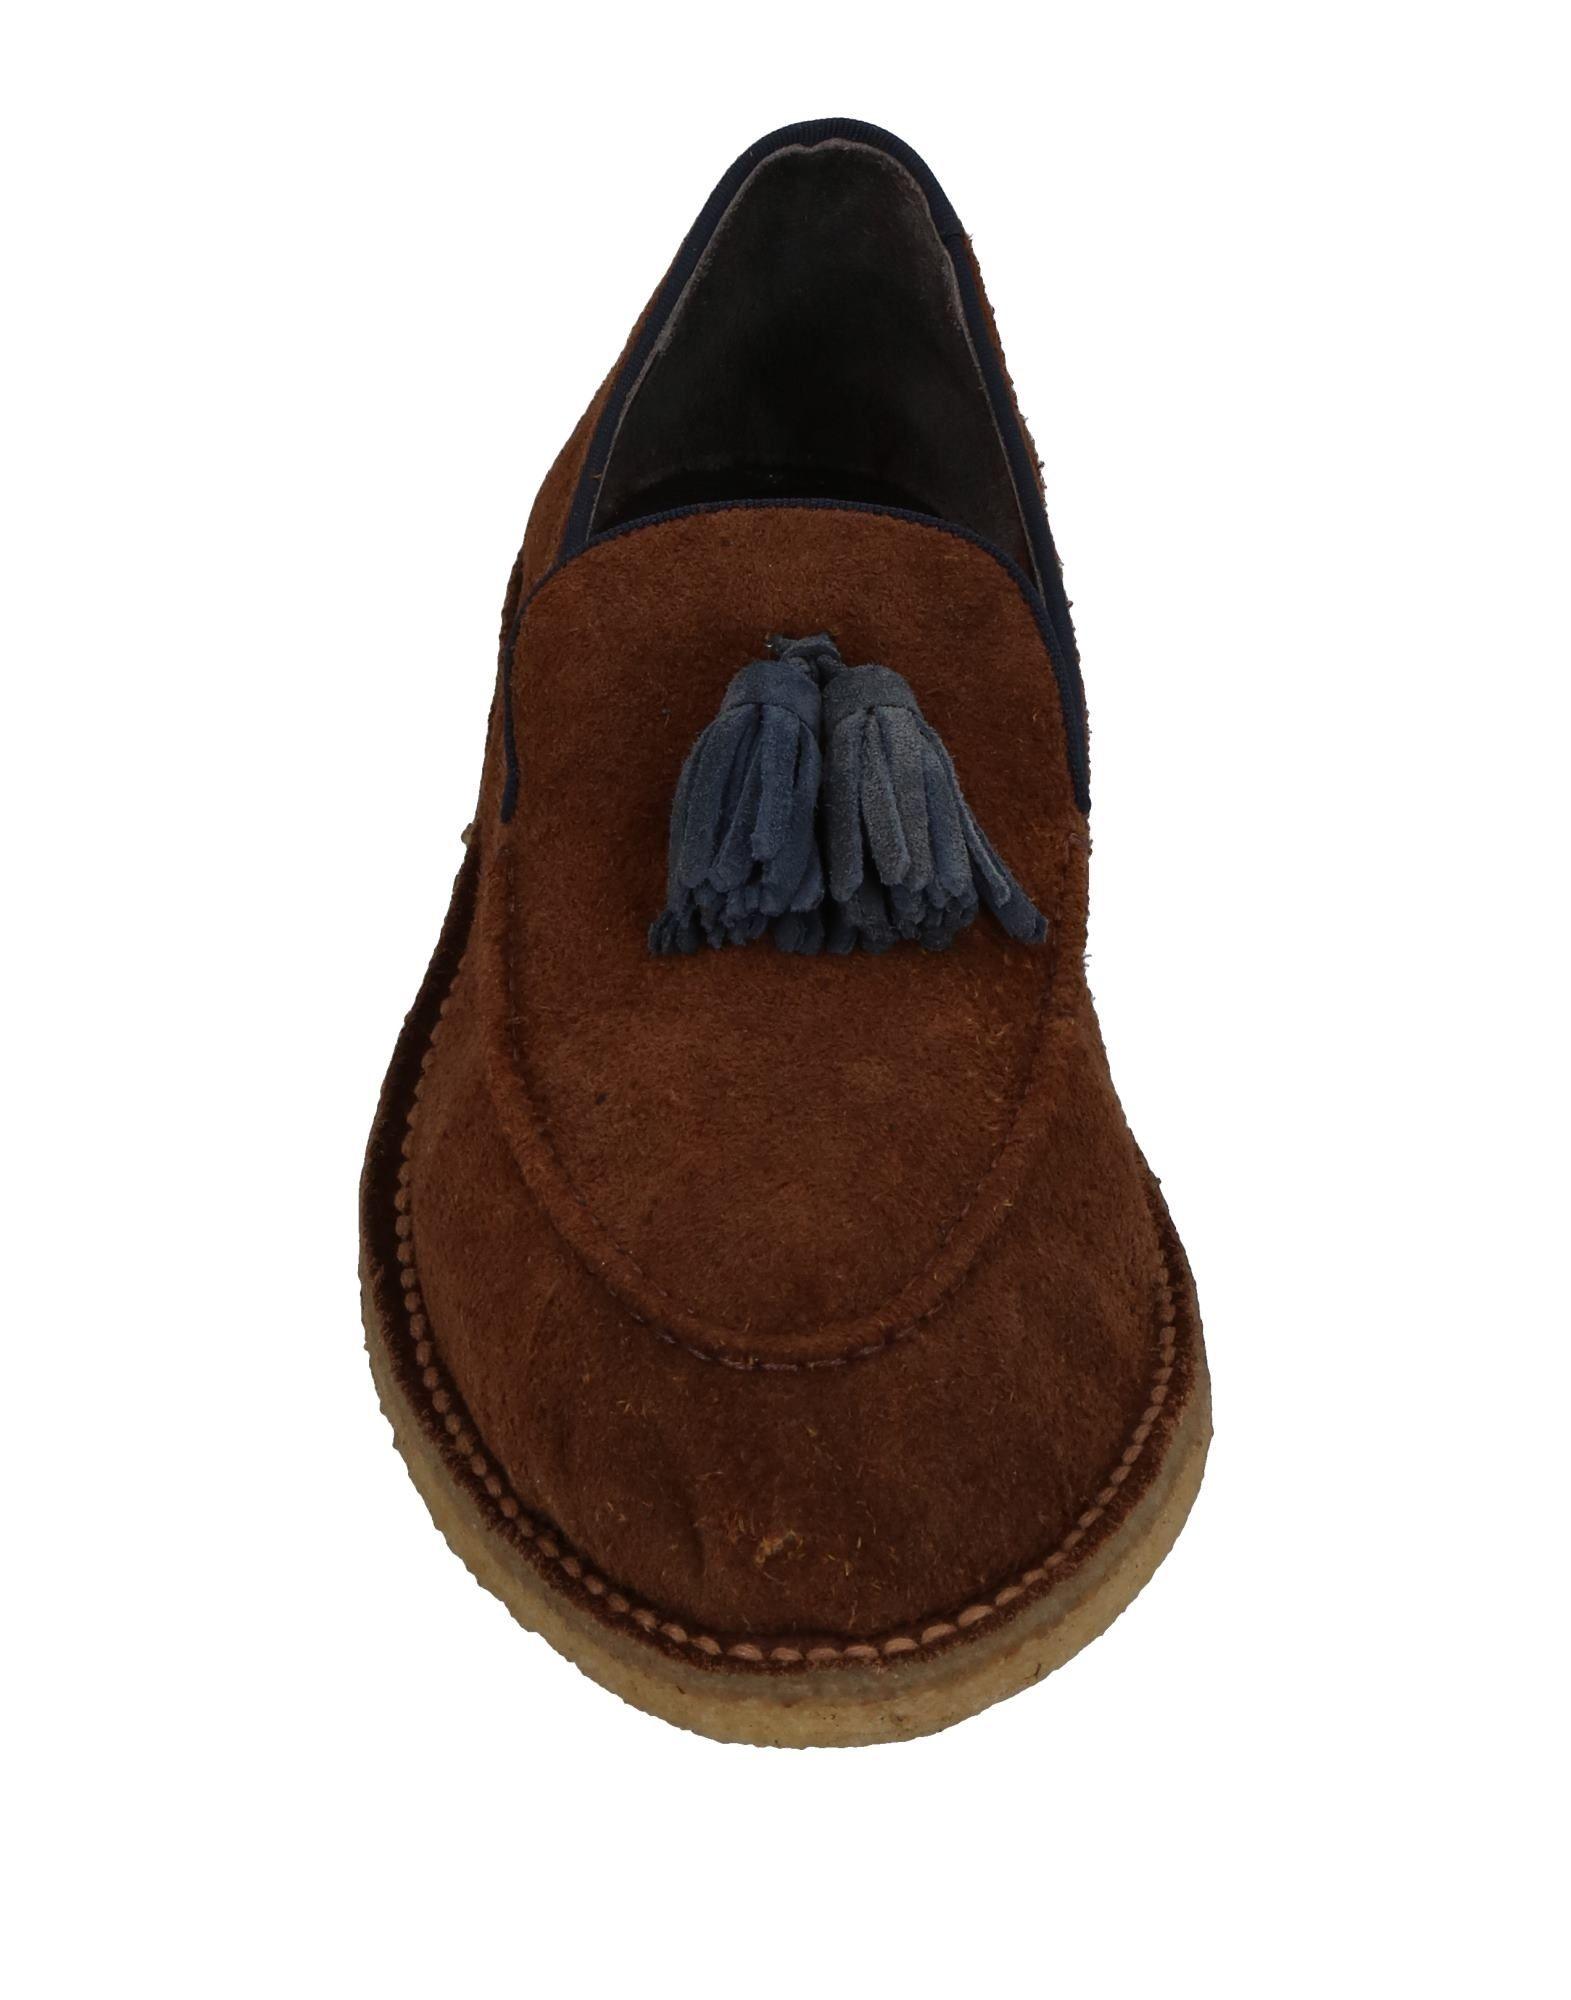 Alberto Fasciani Mokassins Herren  11379061TX Neue Schuhe Schuhe Neue c59013